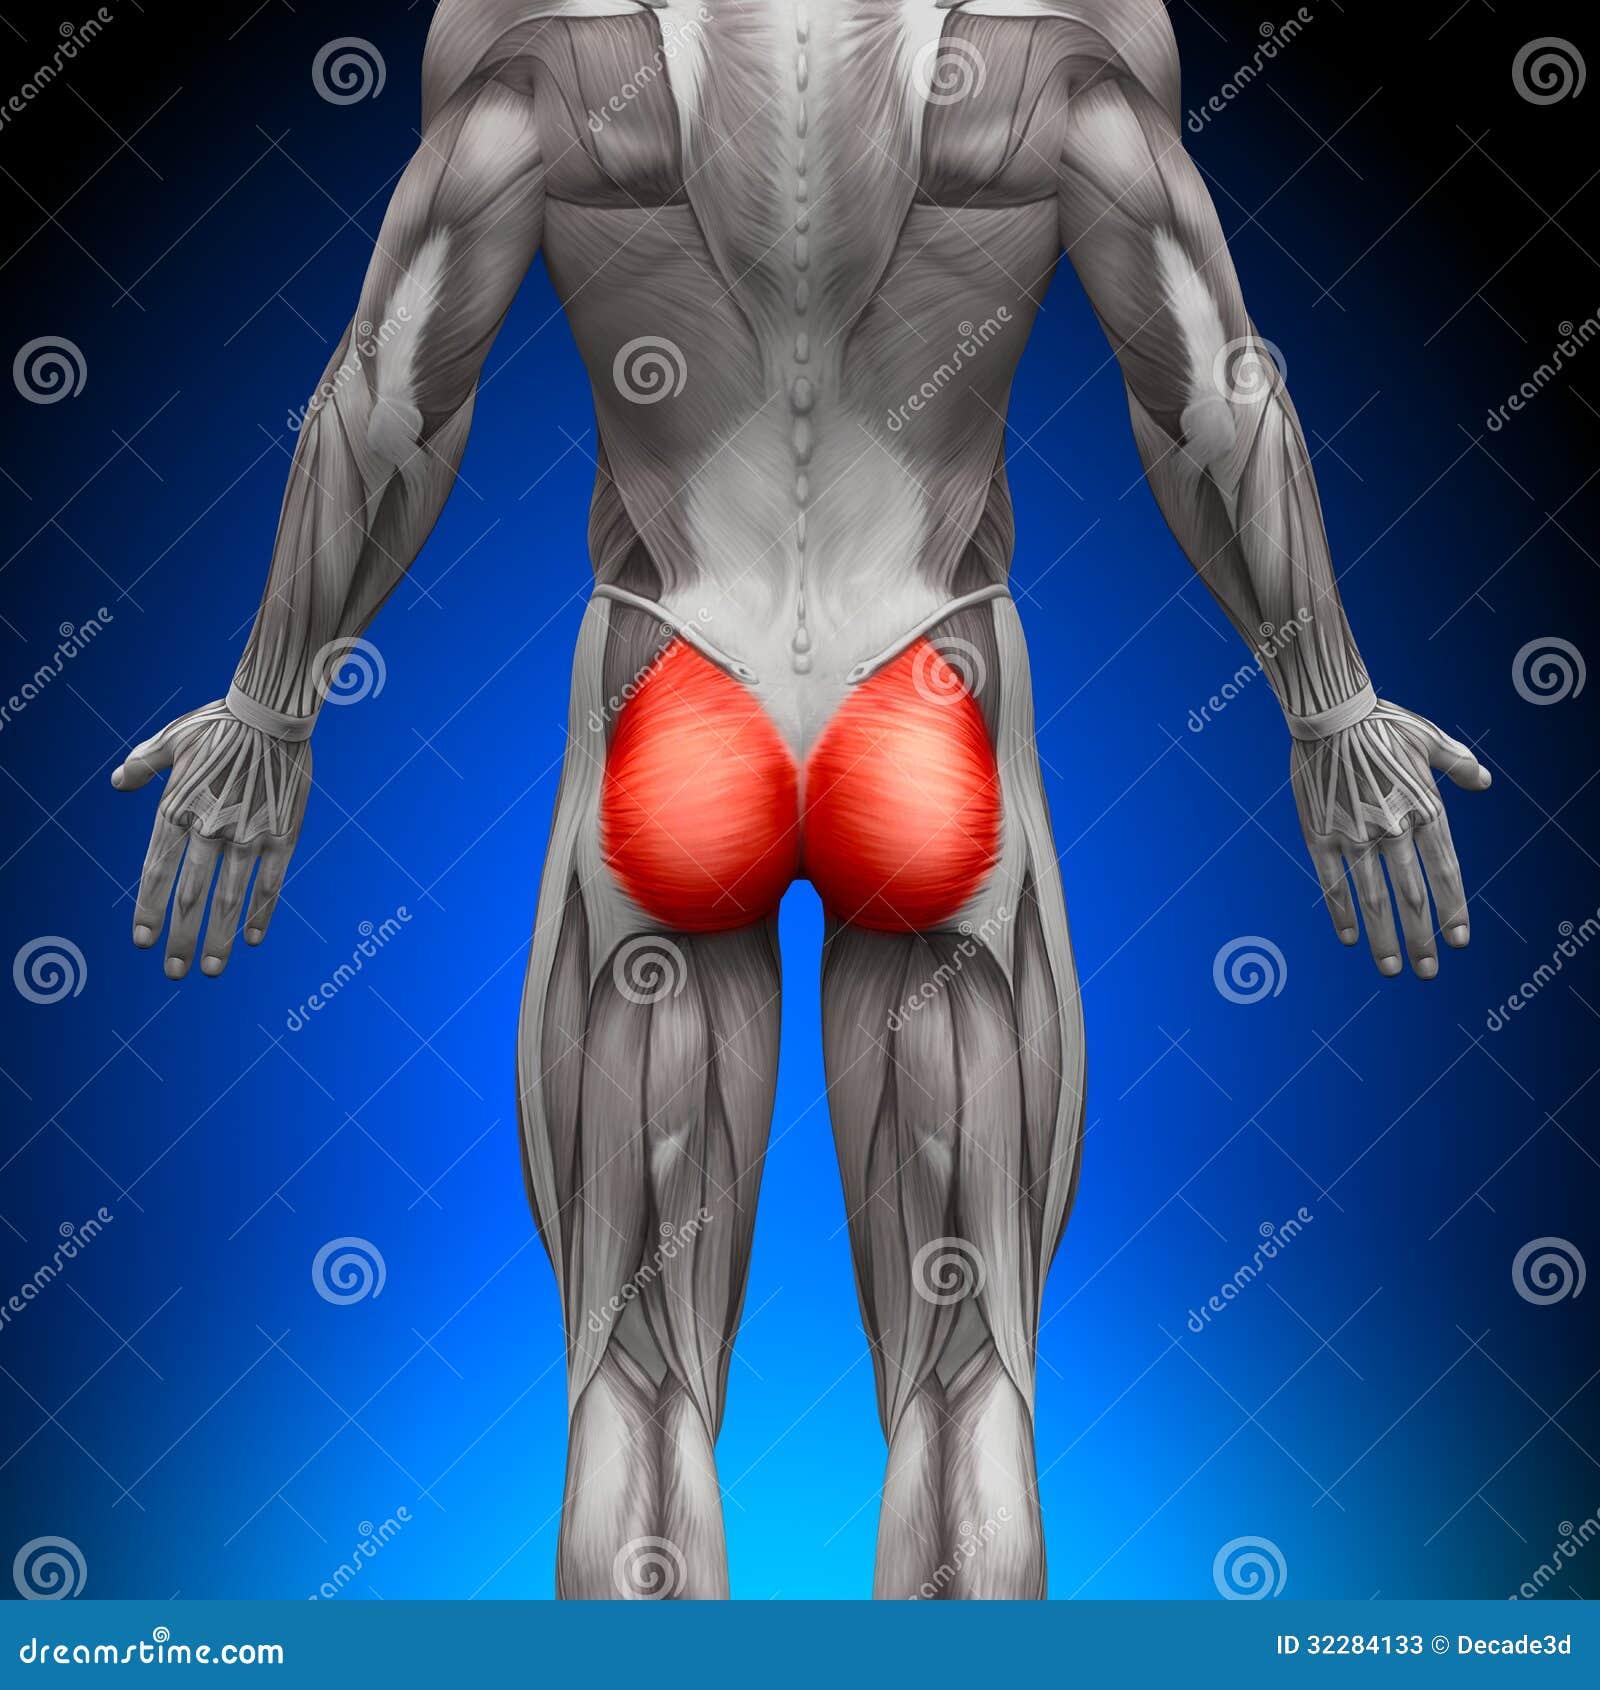 Glutes / Gluteus Maximus - Anatomy Muscles Stock Illustration ...